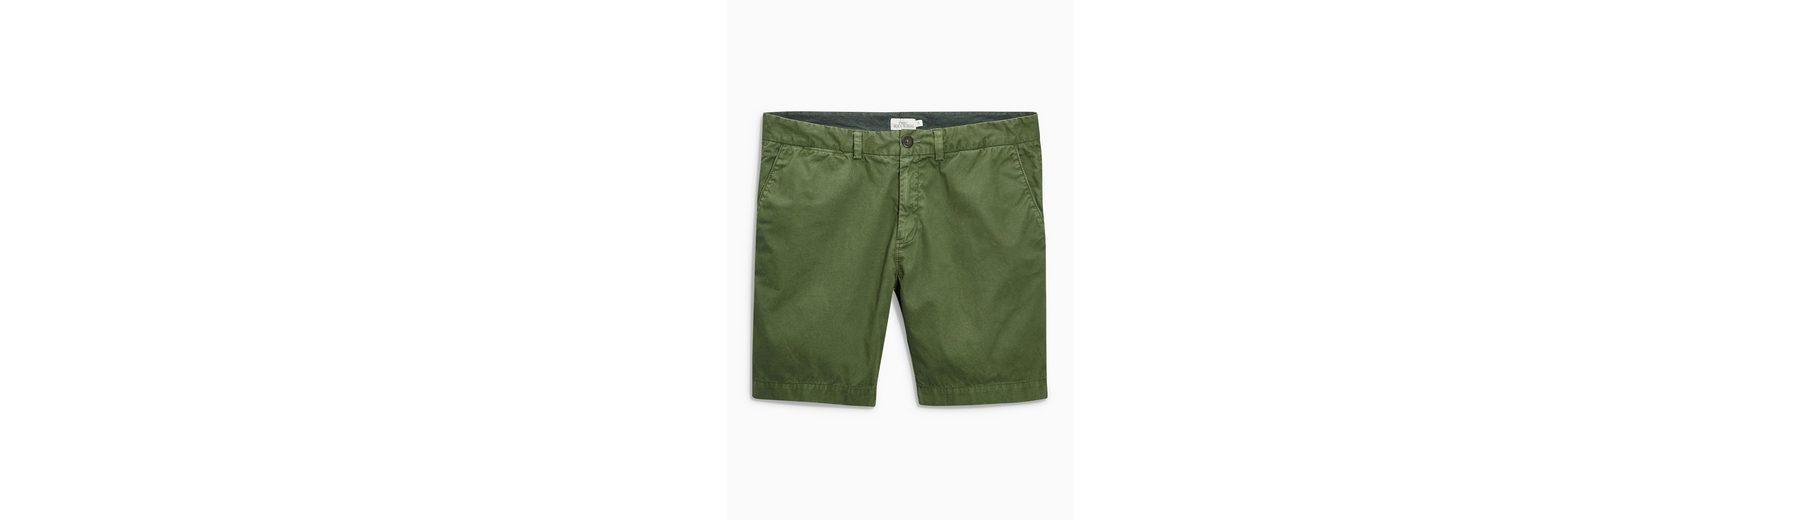 Next Chino-Shorts Verkauf Ebay Rabatt Bester Platz Webseiten Günstig Online Shop Günstig Online UVJkcg